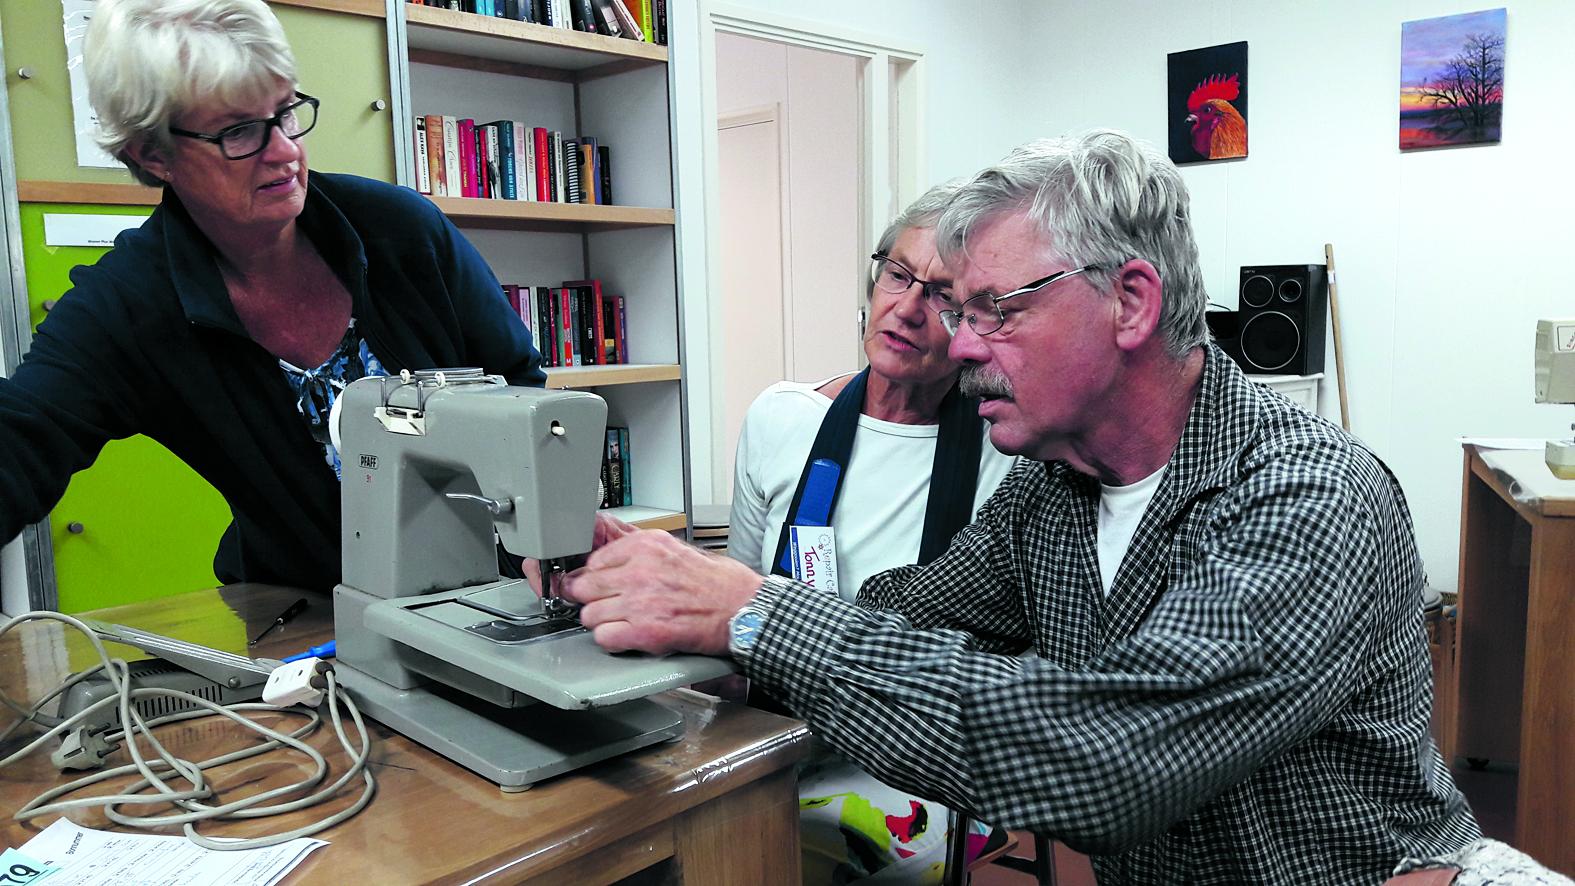 Ook met een kapot kledingstuk weten de vrijwilligers van Repair Café Heerhugowaard wel raad. (Foto: archief)